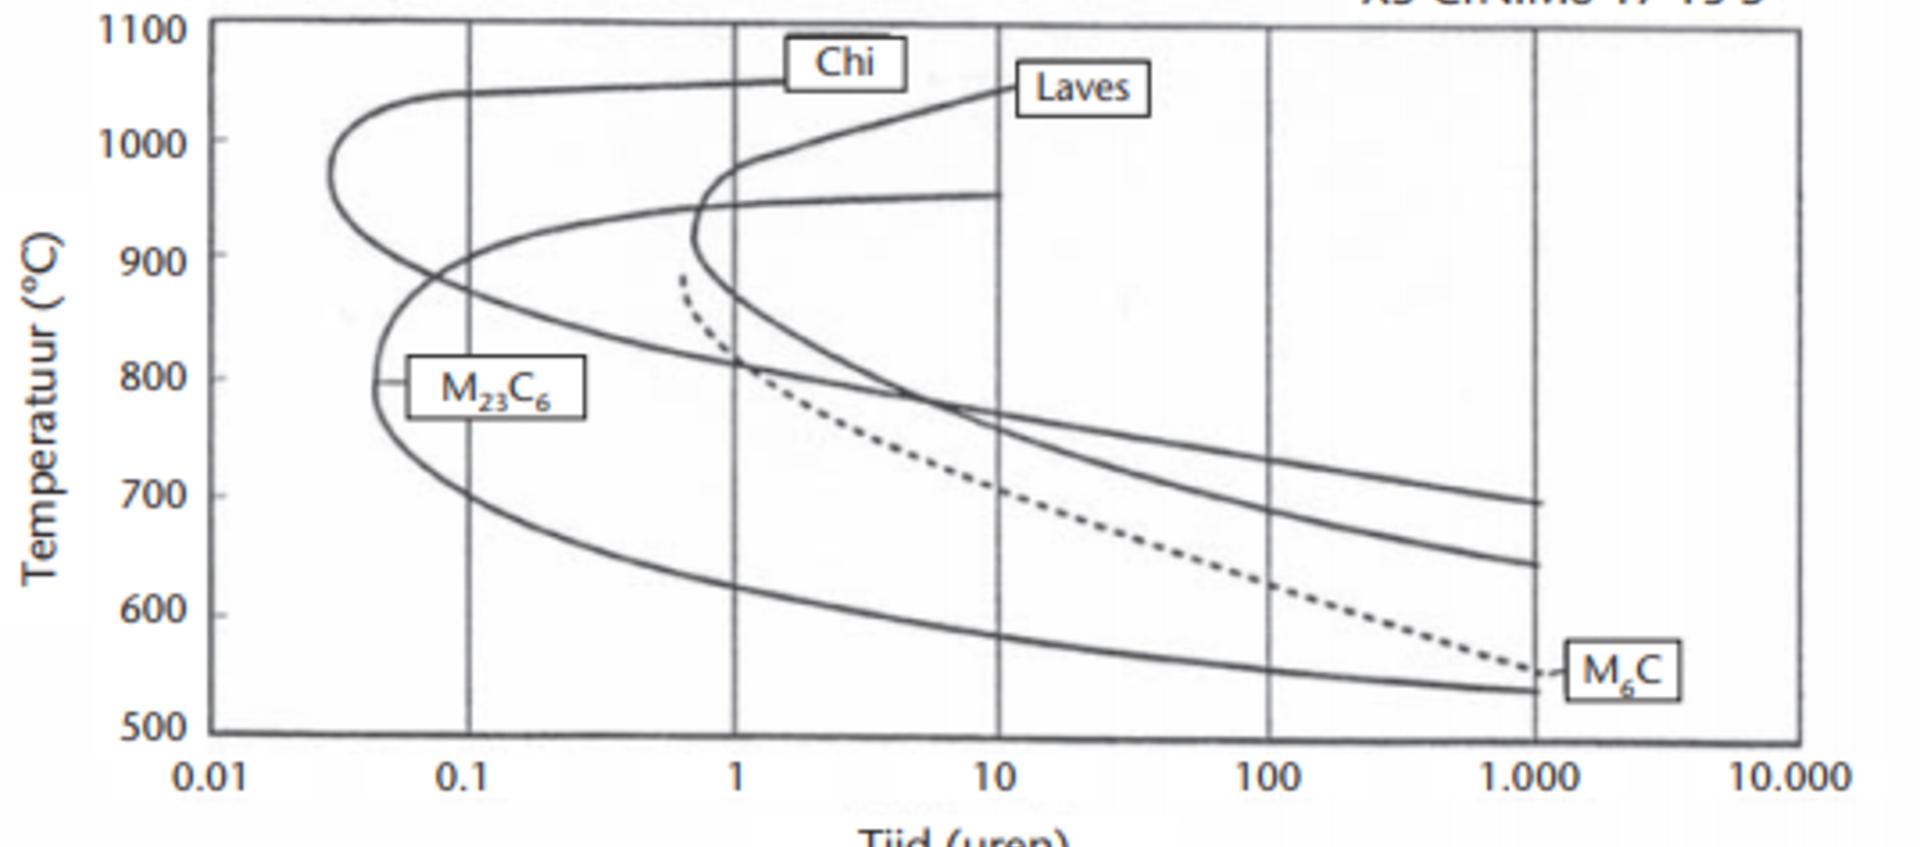 Materialen en hun lasbaarheid groep 7.3 volgens ISO/TR 15608